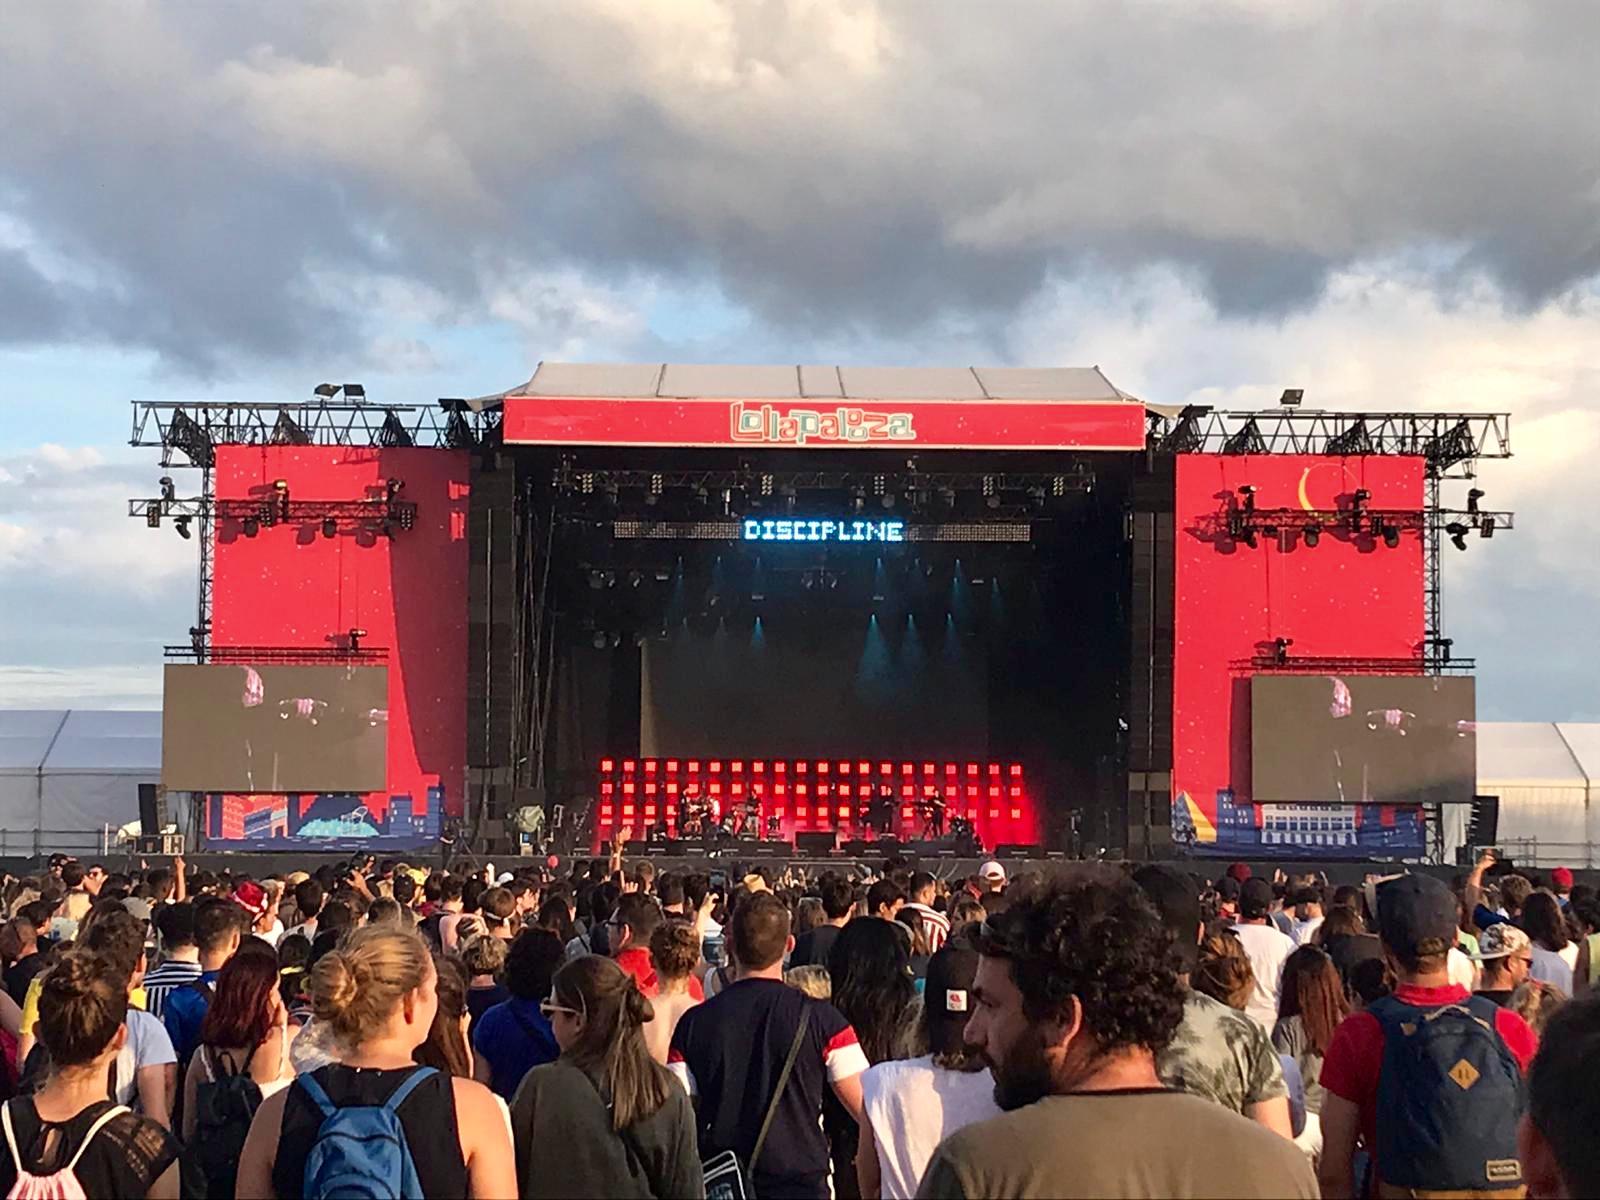 Lollapalooza Paris 2019 : retour sur deux jours de fêtes 1 image